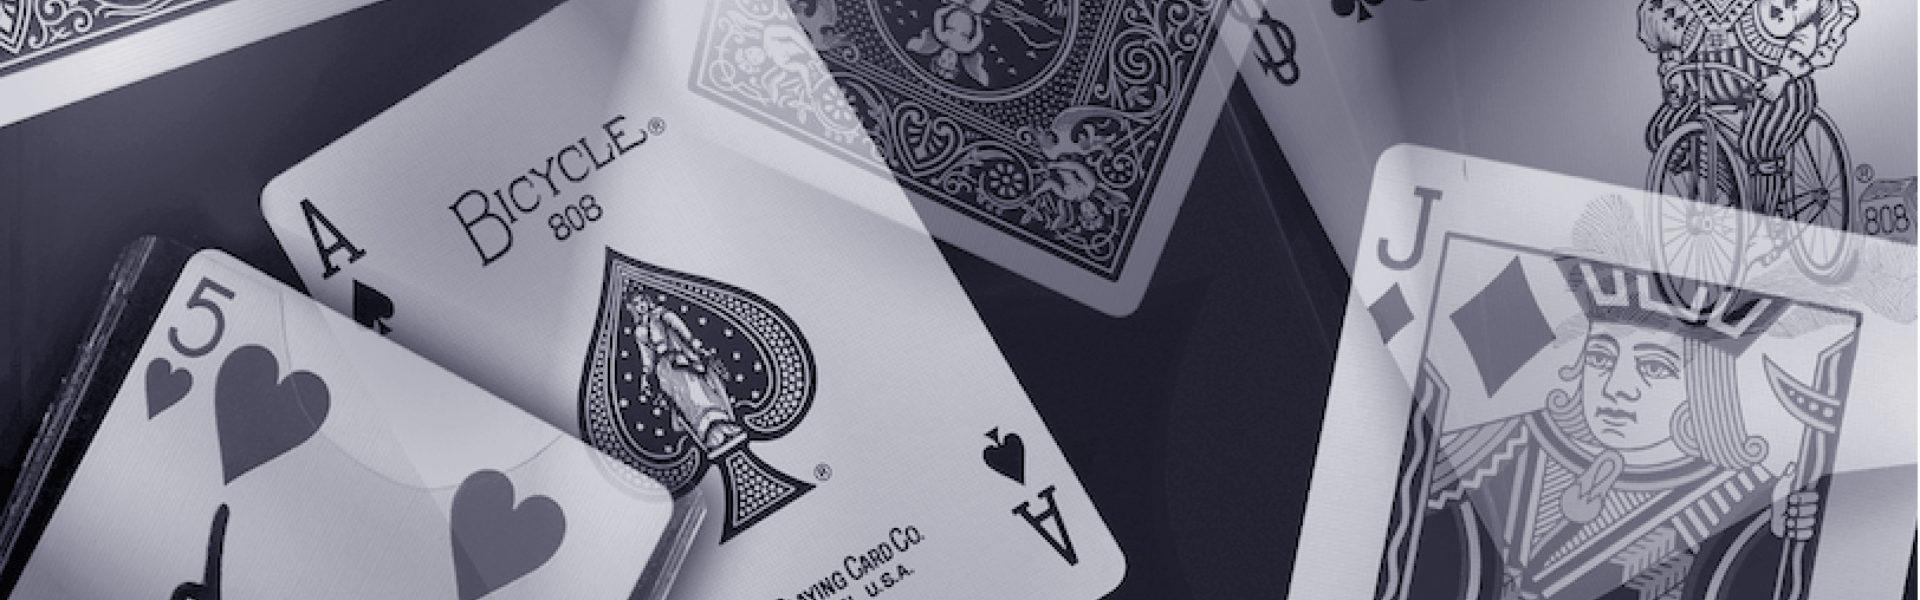 MagicJohnG.com